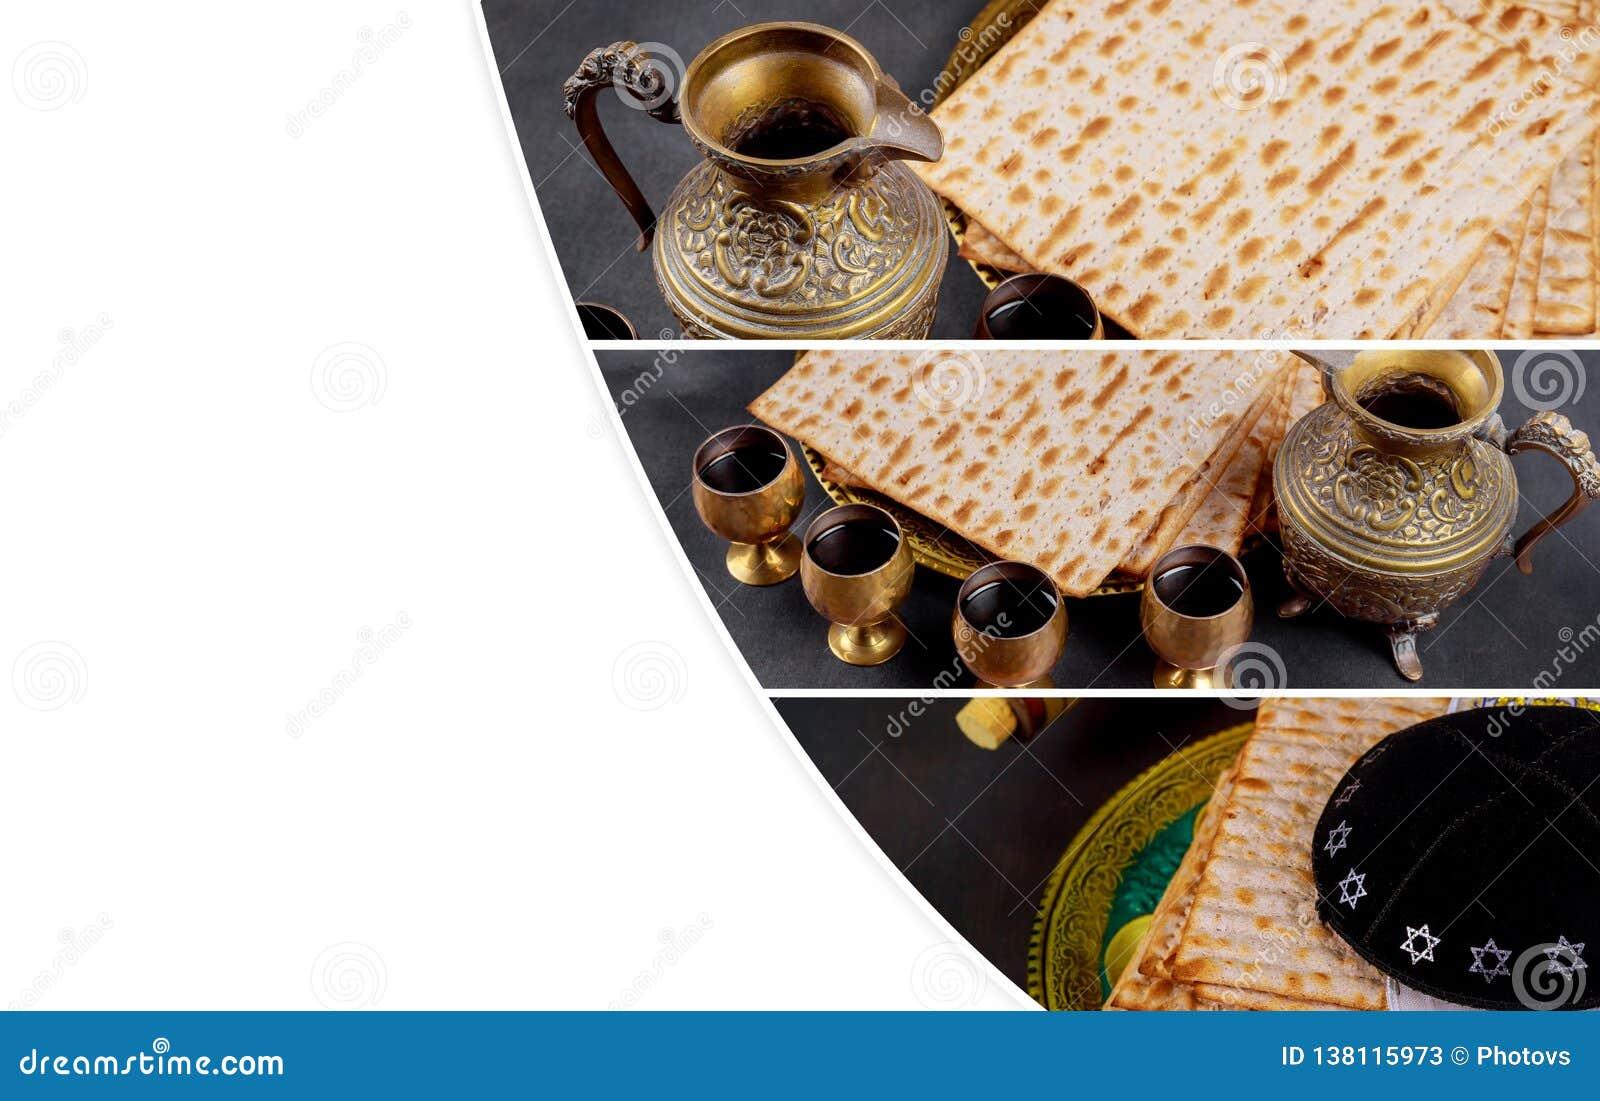 Matzot i cztery szkła czerwone wino symbole Passover